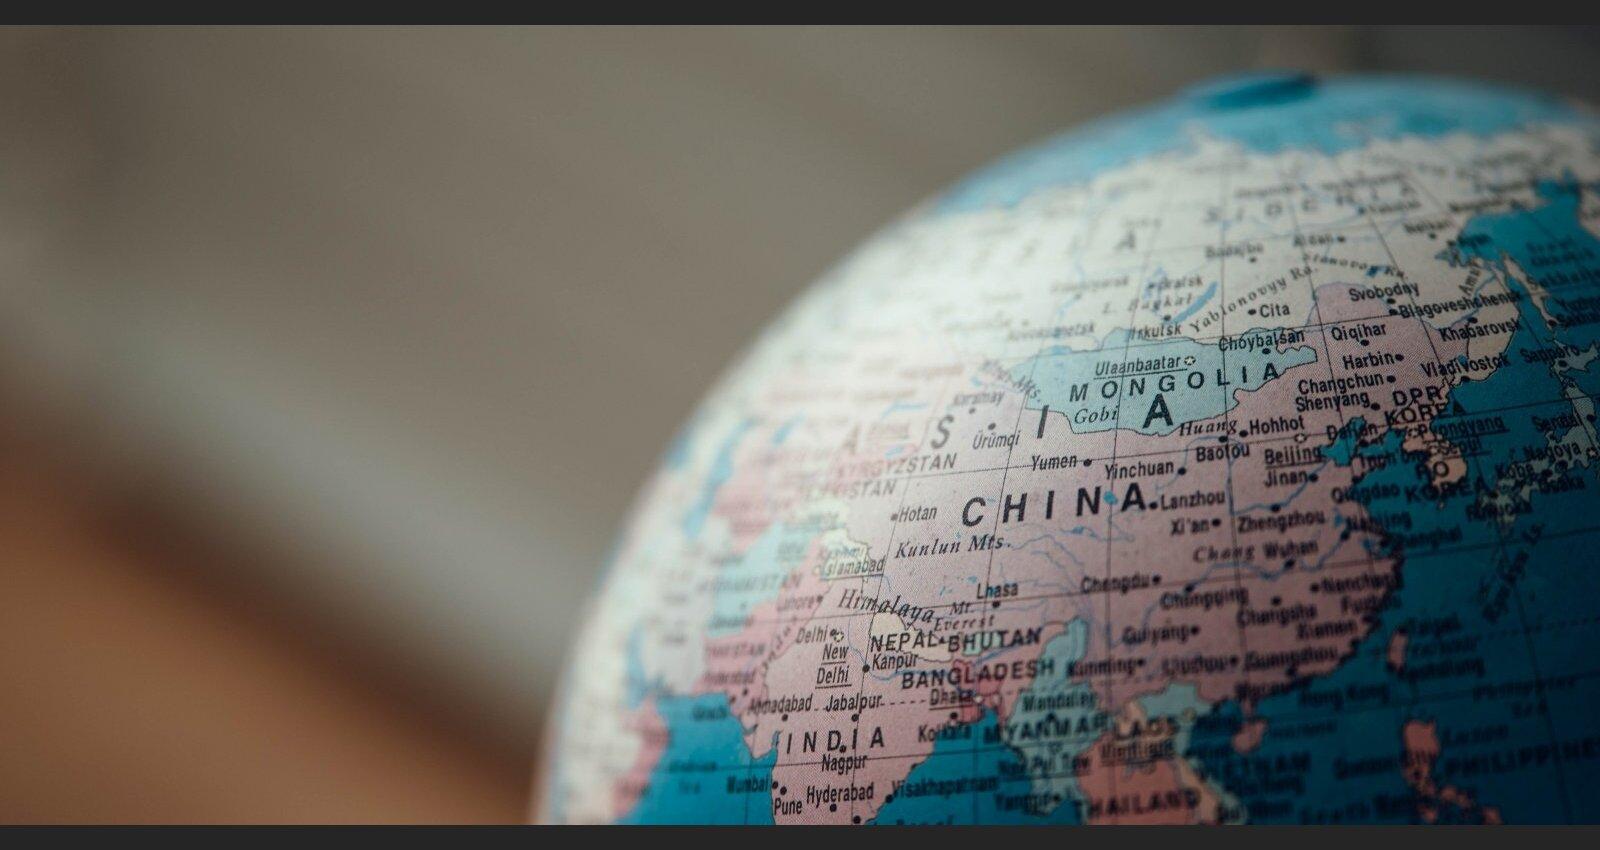 Китай не предлагать: как коронавирус отразился на латвийских туристах и турбизнесе